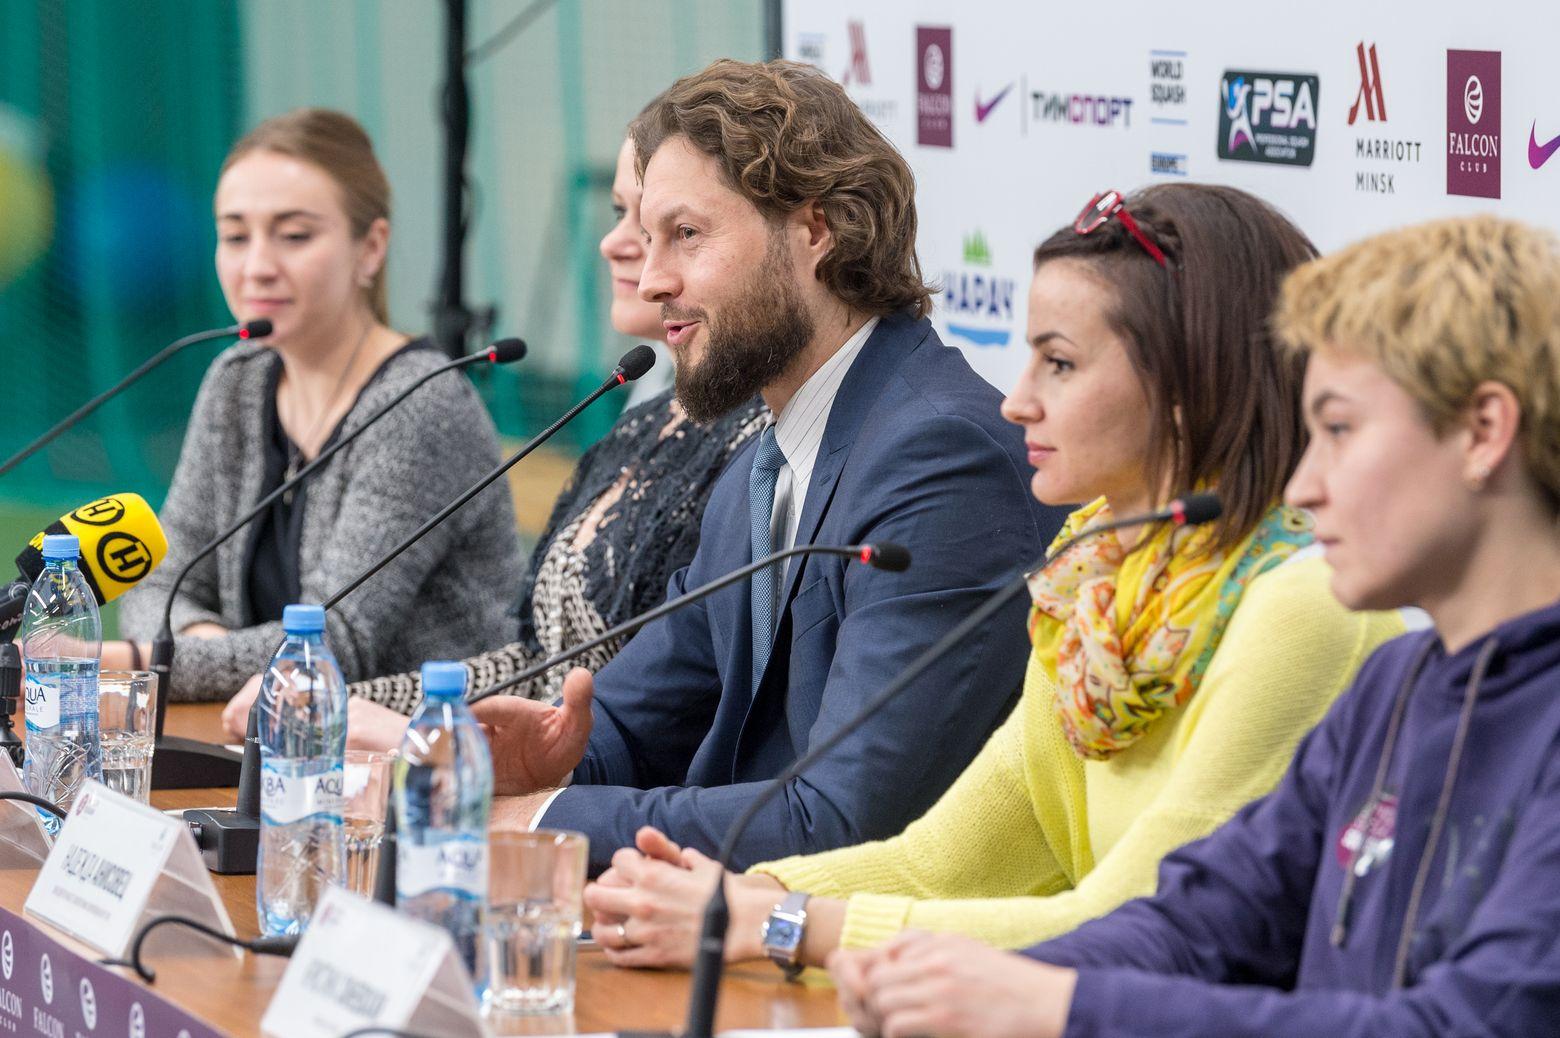 Минске пройдет турнир по сквошу